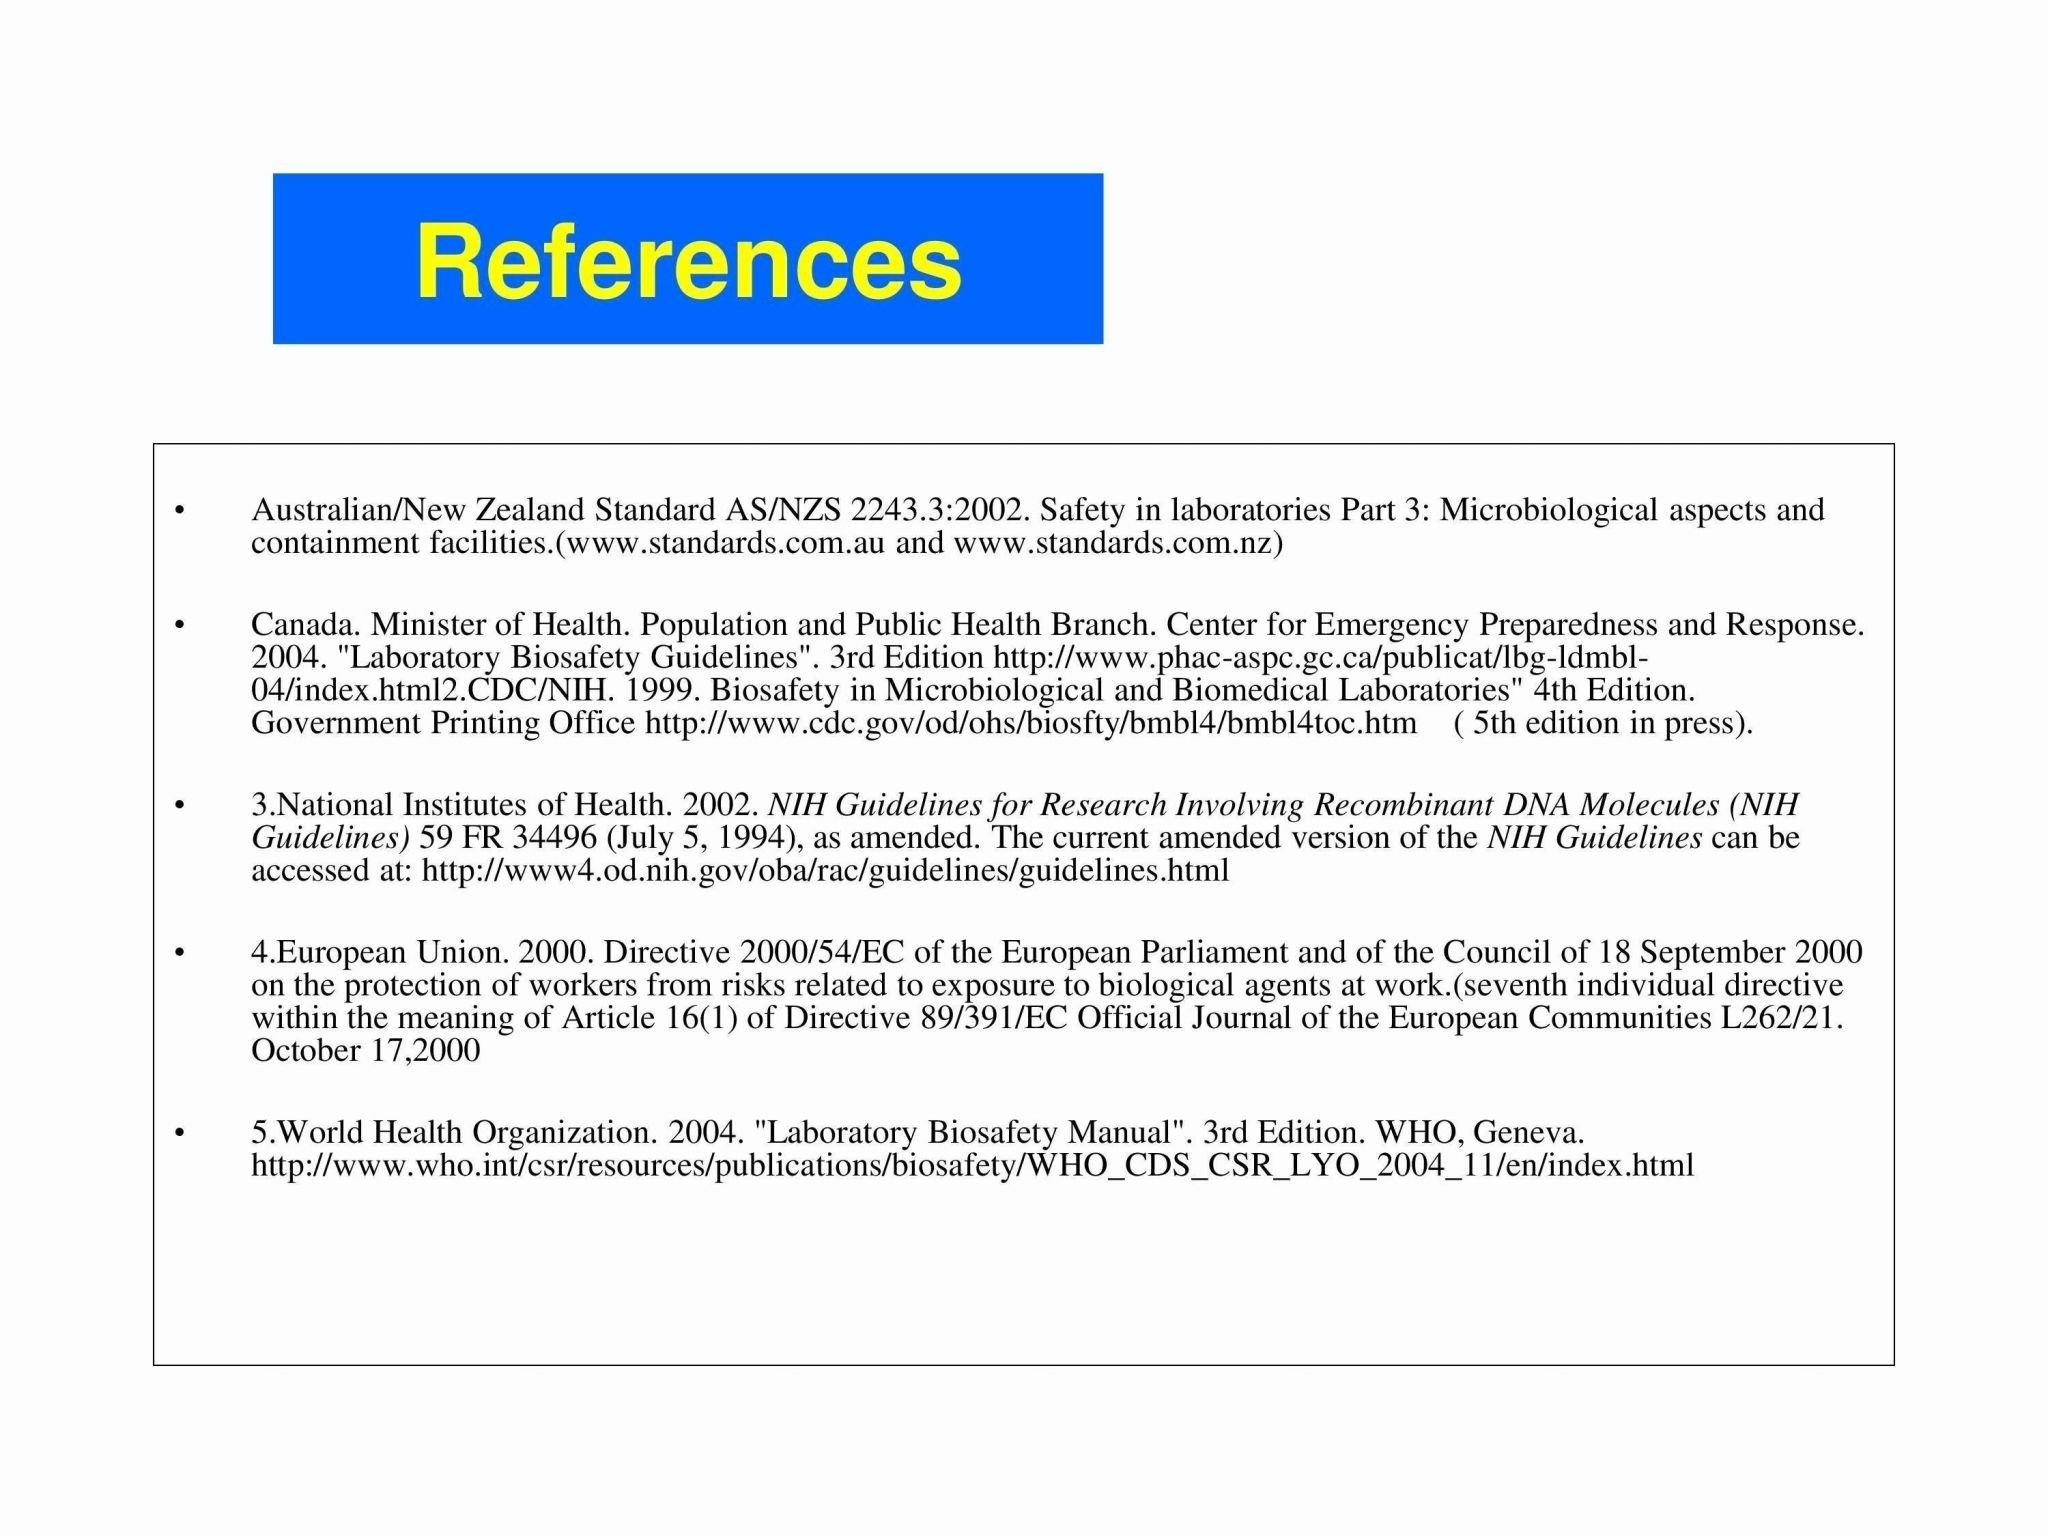 Emergency Response Guidebook Worksheet  Briefencounters Regarding Emergency Response Guidebook Worksheet